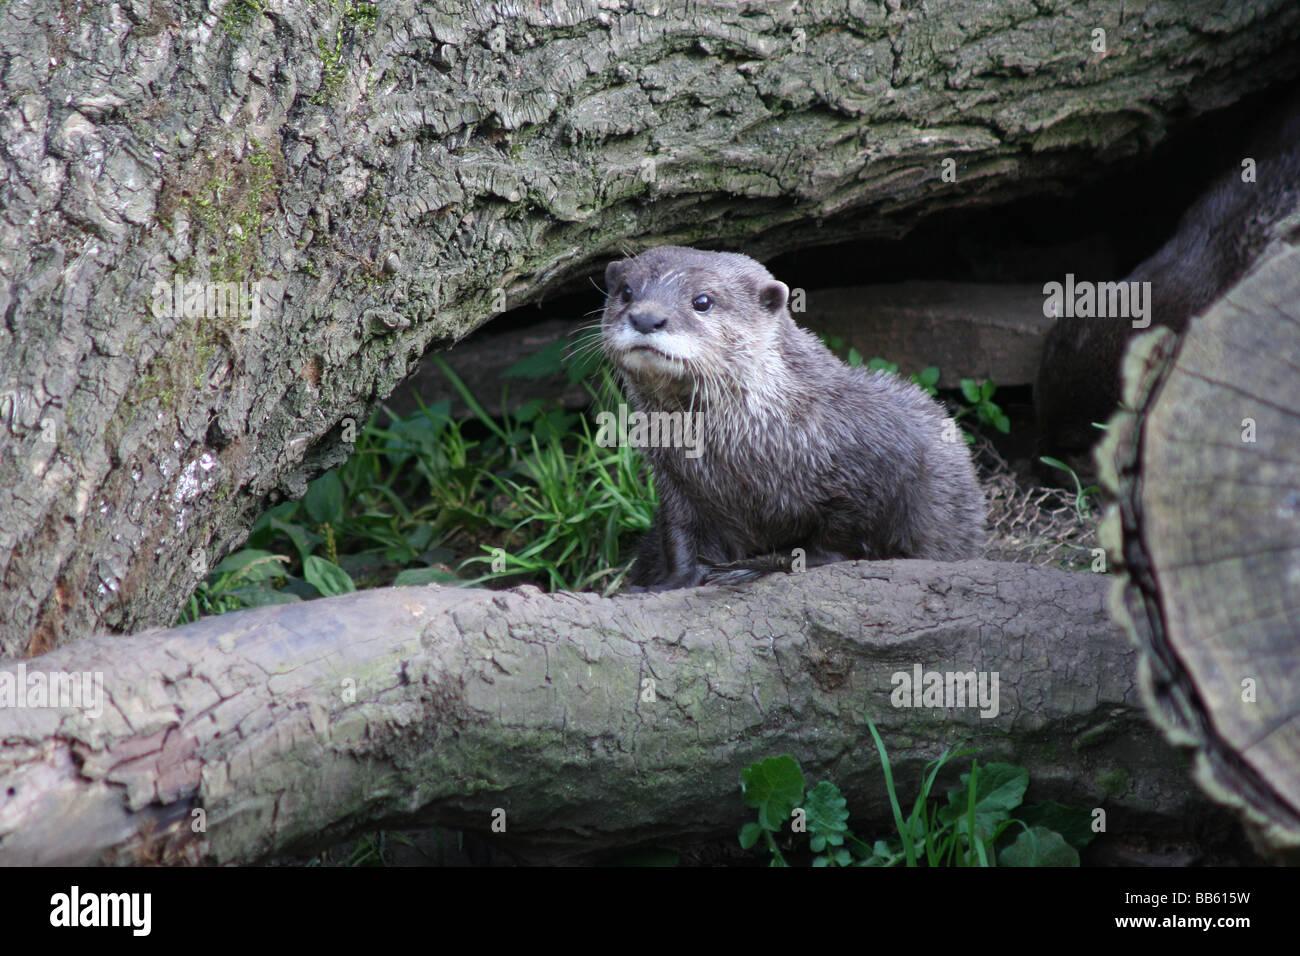 Ein Otter auf dem trockenen. Stockfoto